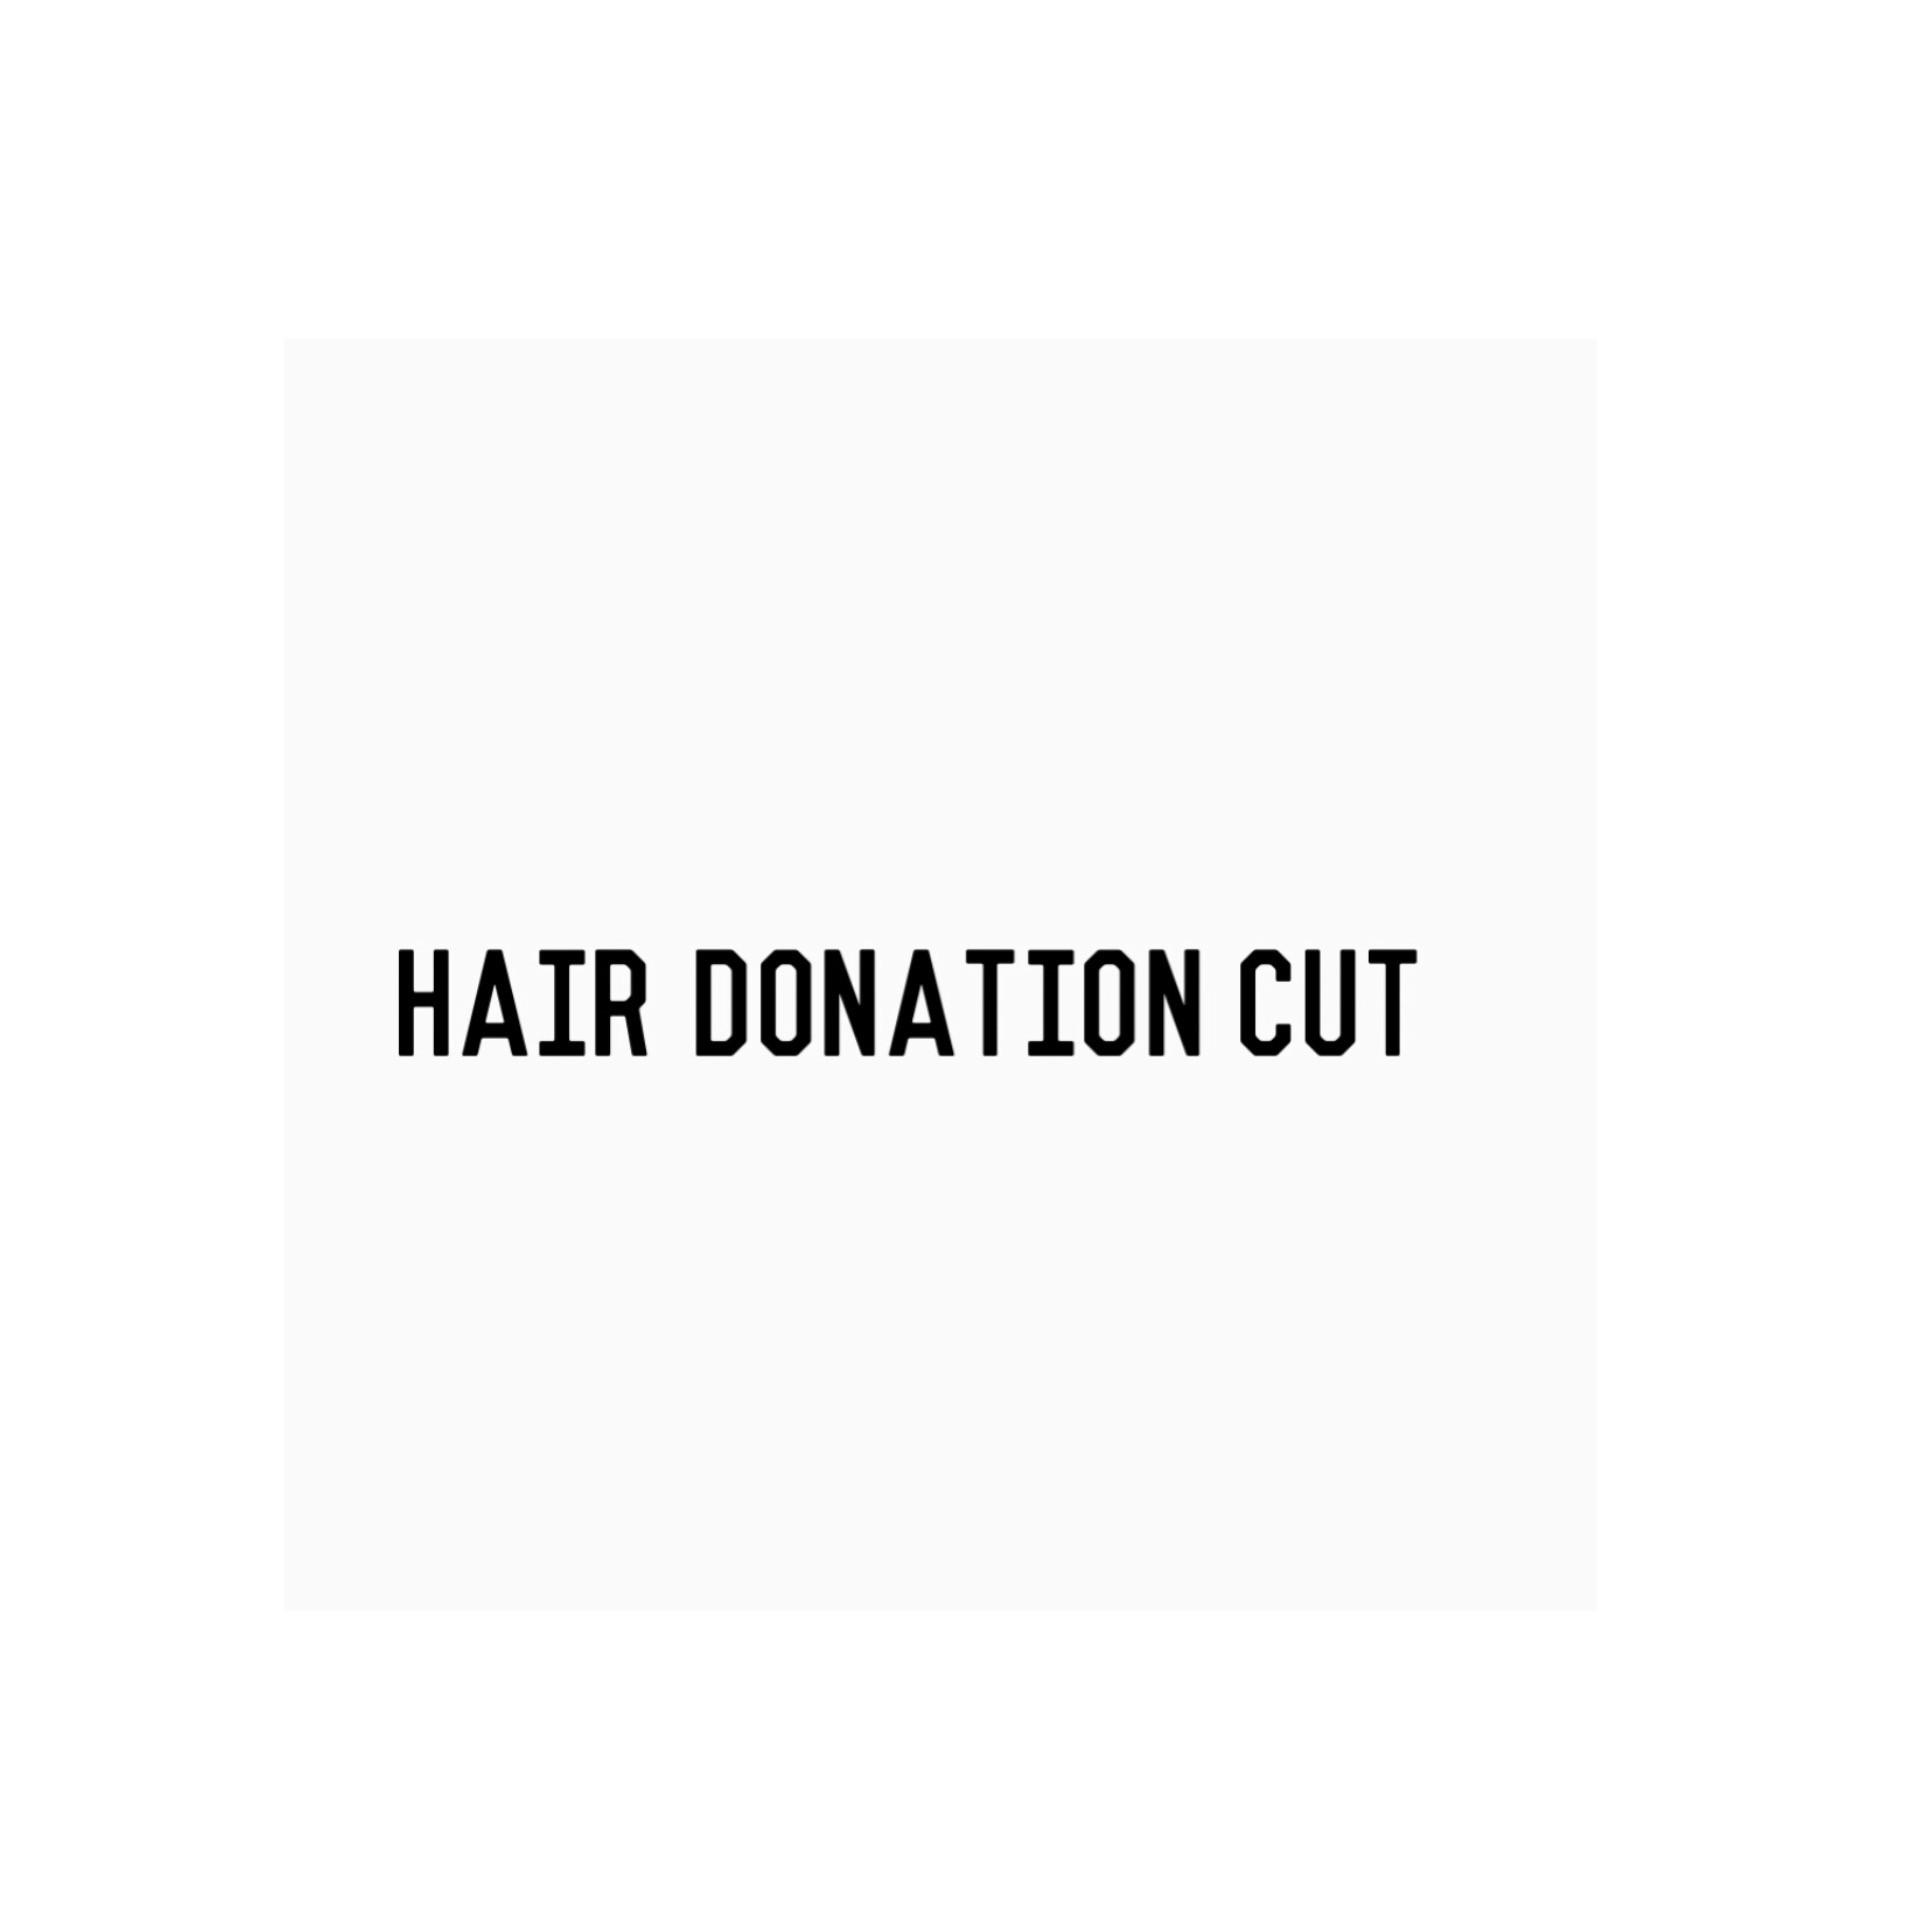 Hair Donation Cut